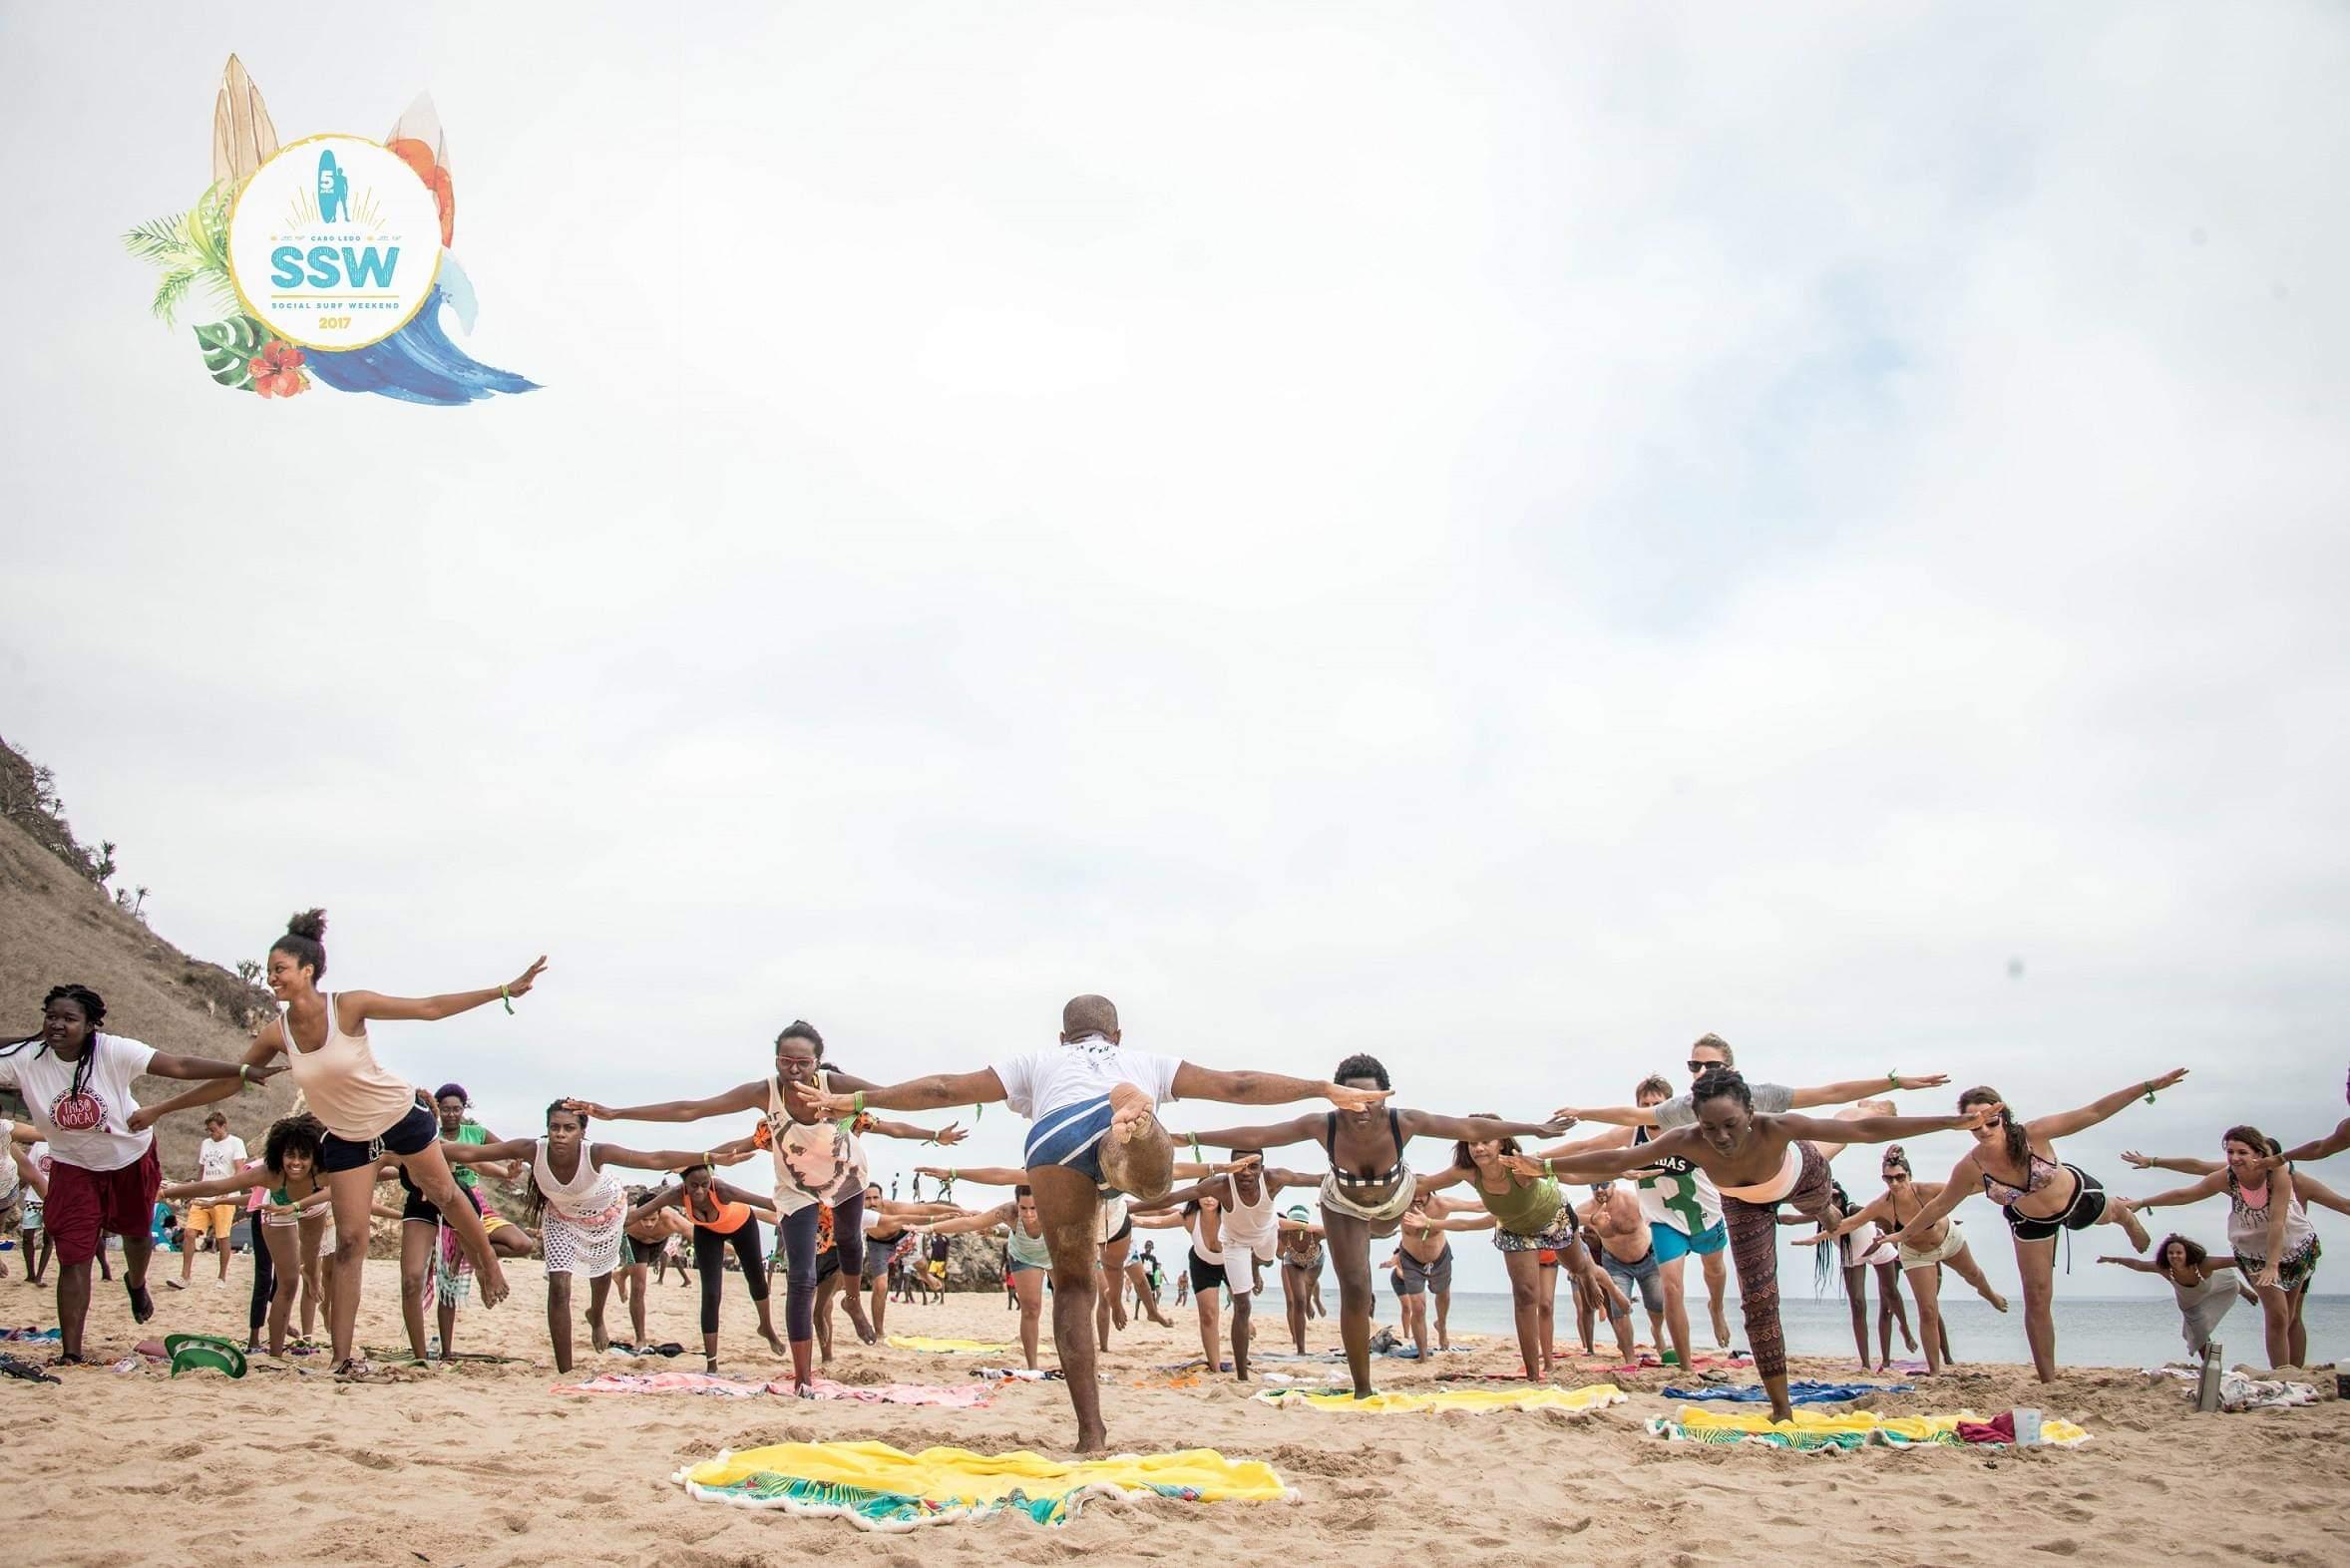 Social Surf Weekend regressa ao Cabo Ledo no próximo fim-de-semana